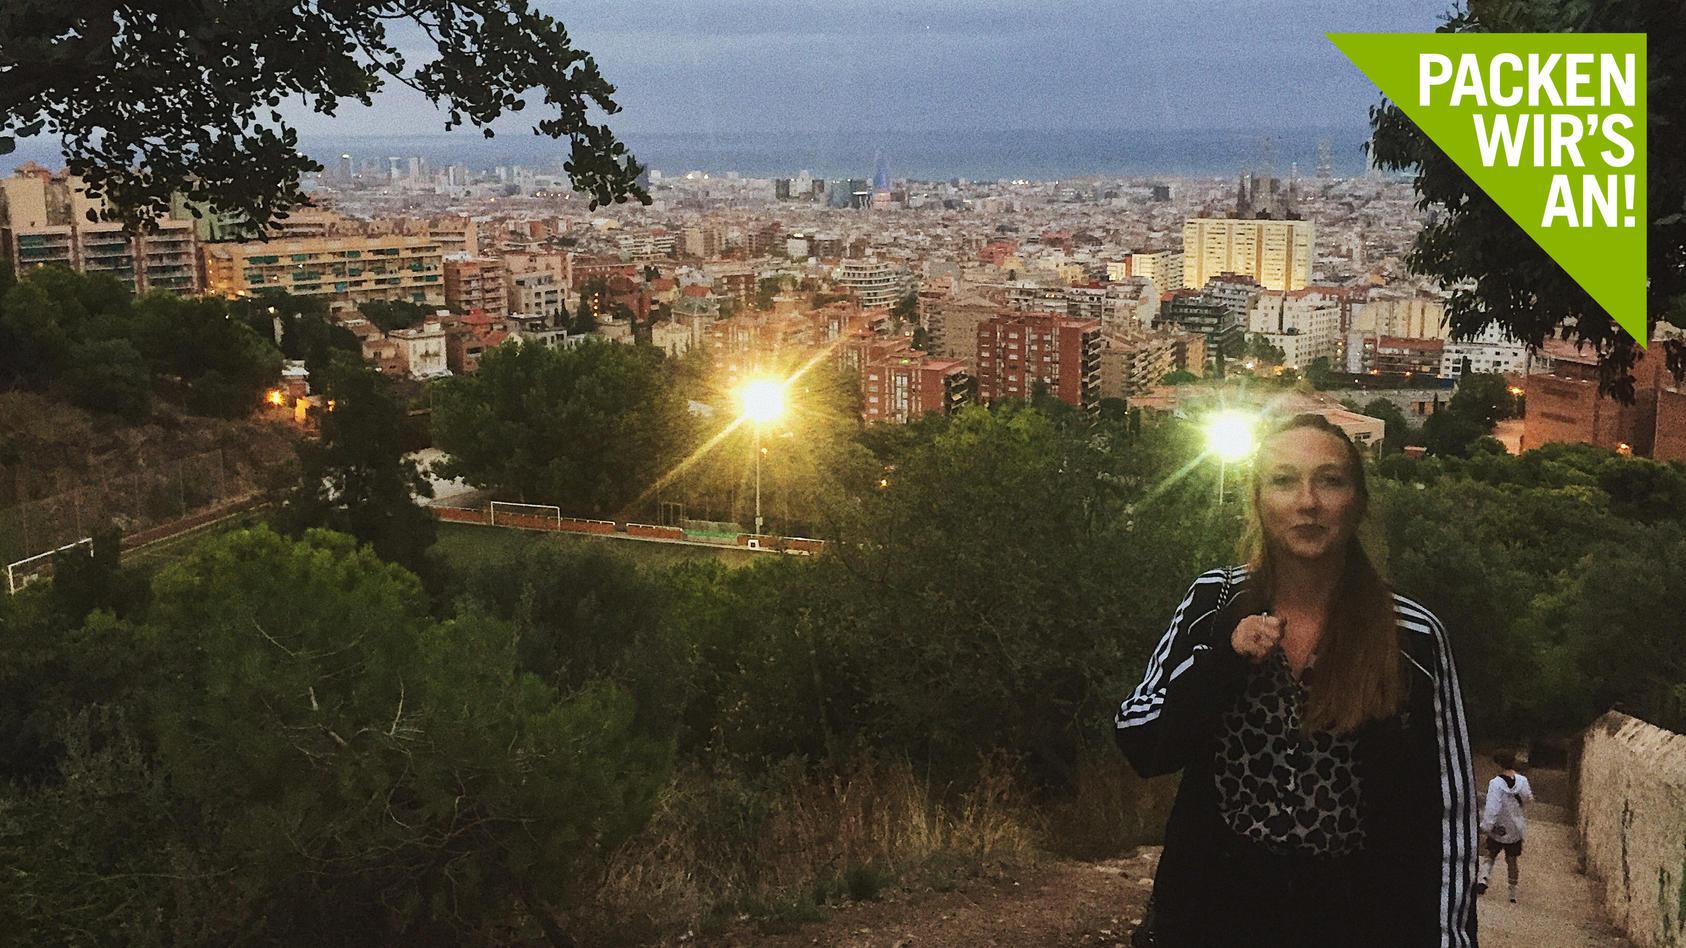 2018 habe ich in Barcelona studiert und bin deshalb ziemlich oft geflogen. Sollte ich ein schlechtes Gewissen haben?